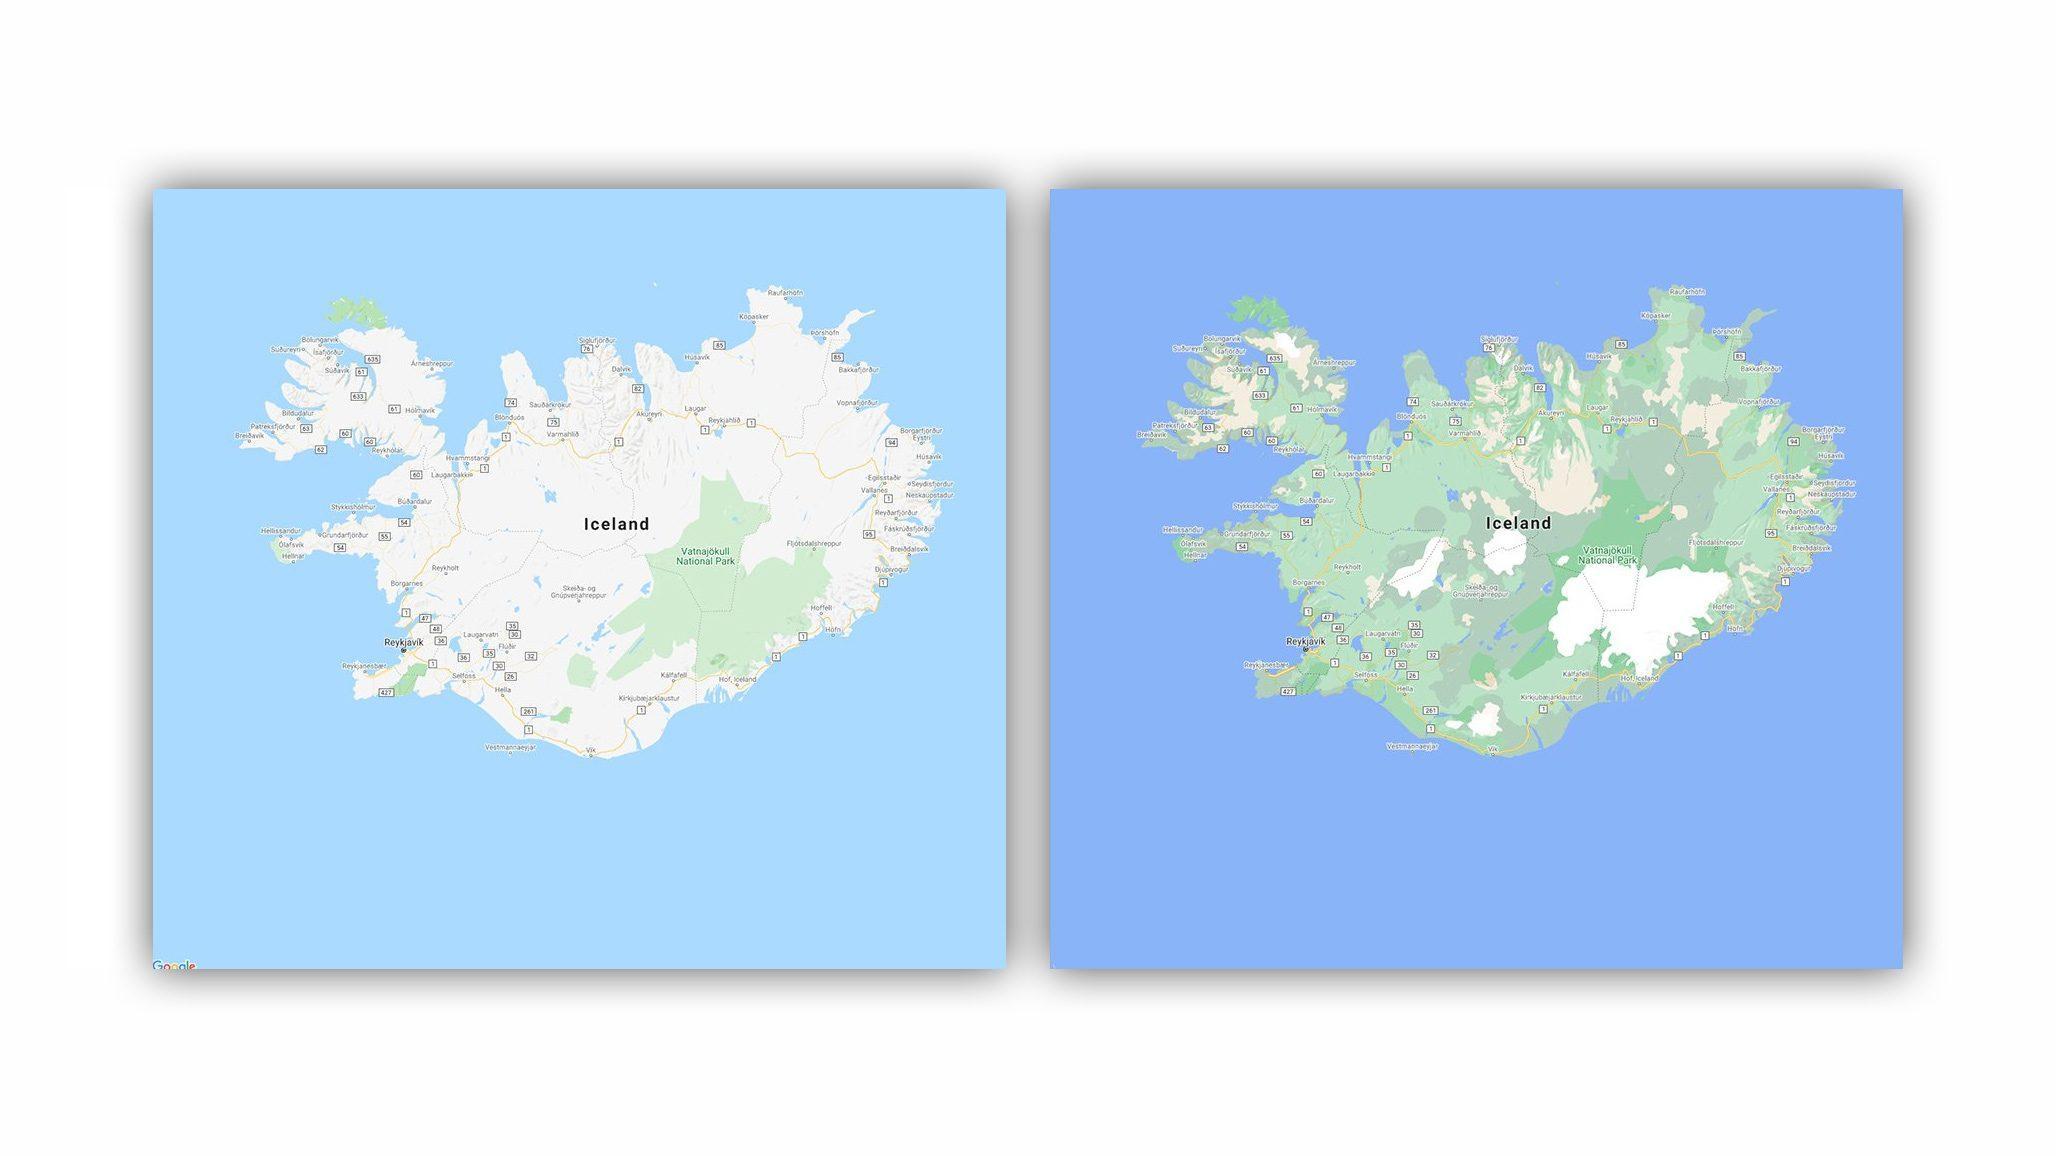 Voici Le Nouveau Google Maps, Ce Qui Change Dans Les